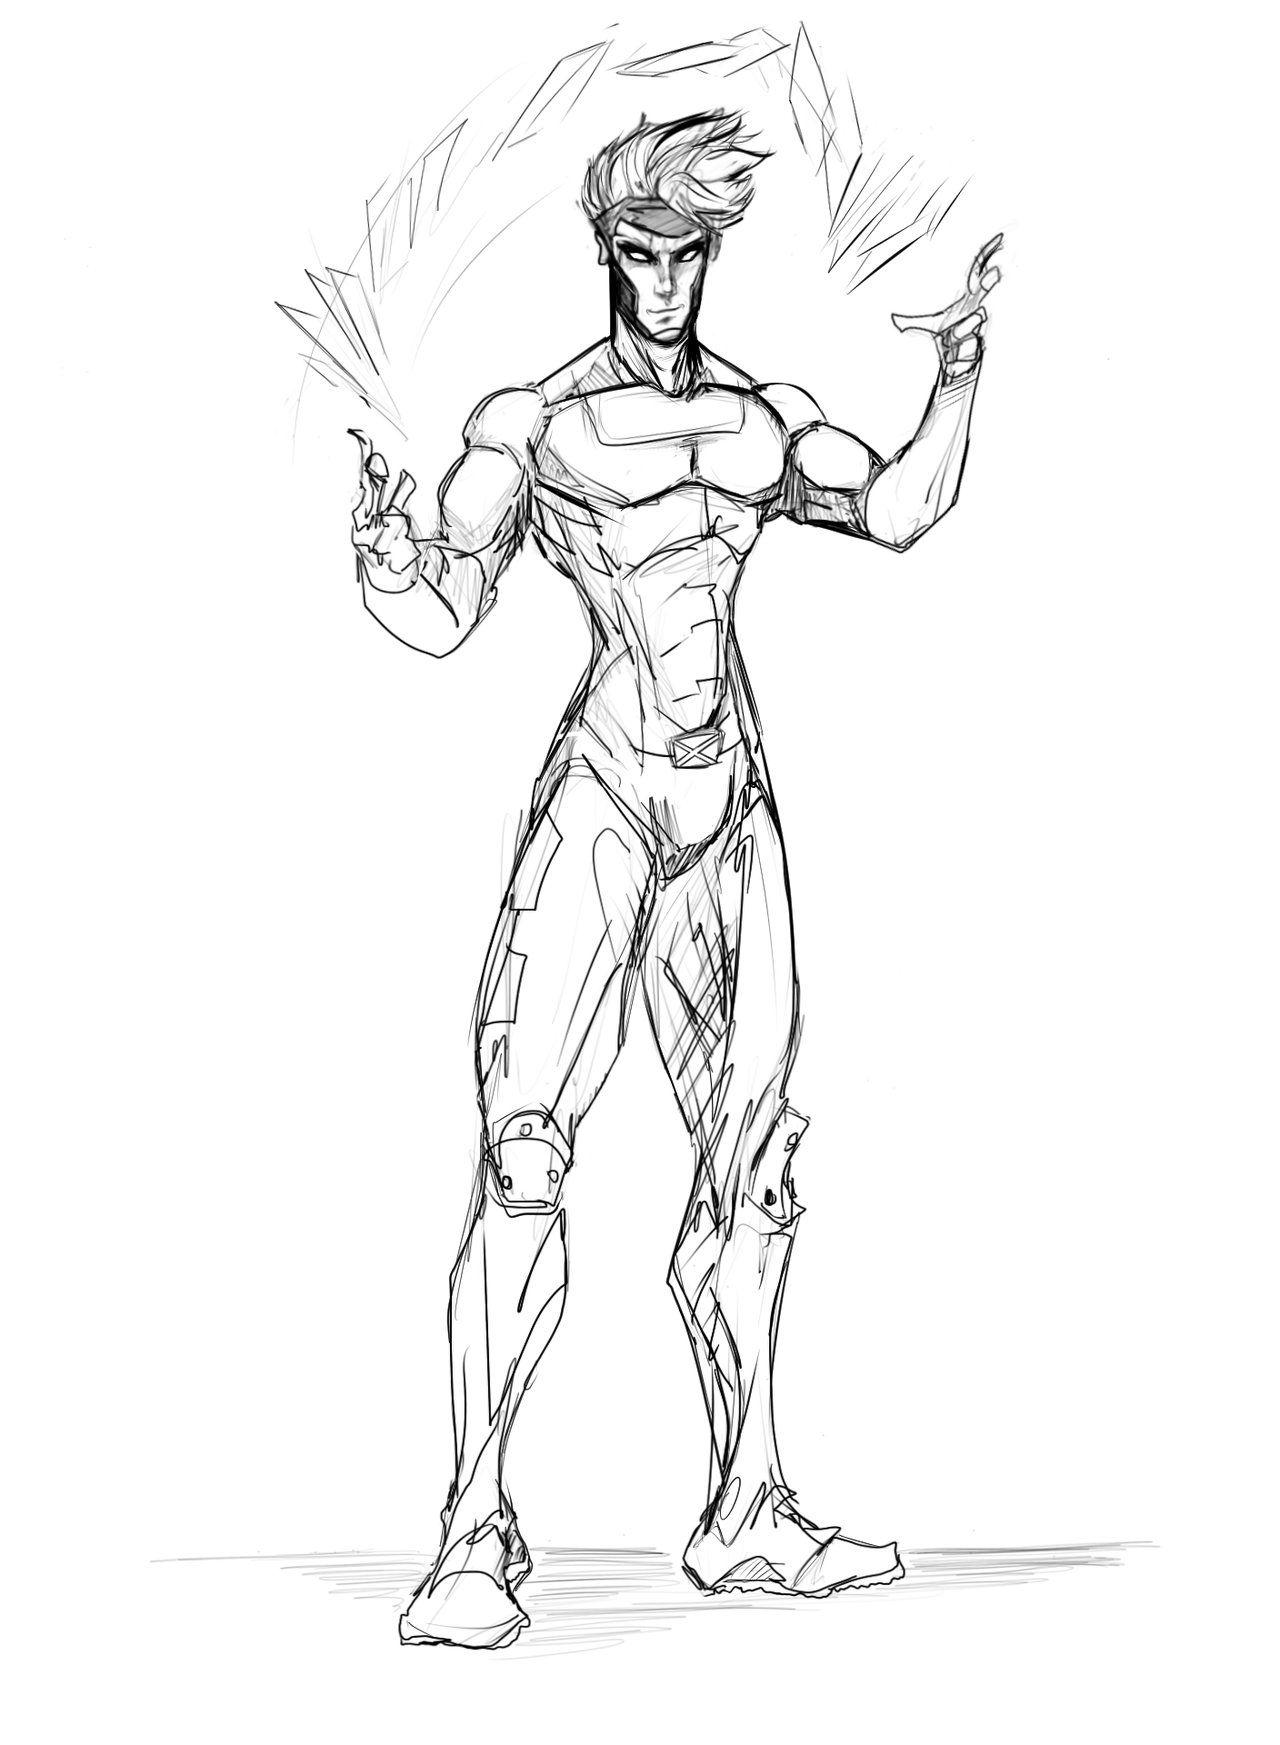 1280x1745 Gambit Redo By Sketchydeez Sketchydeez(Character Art